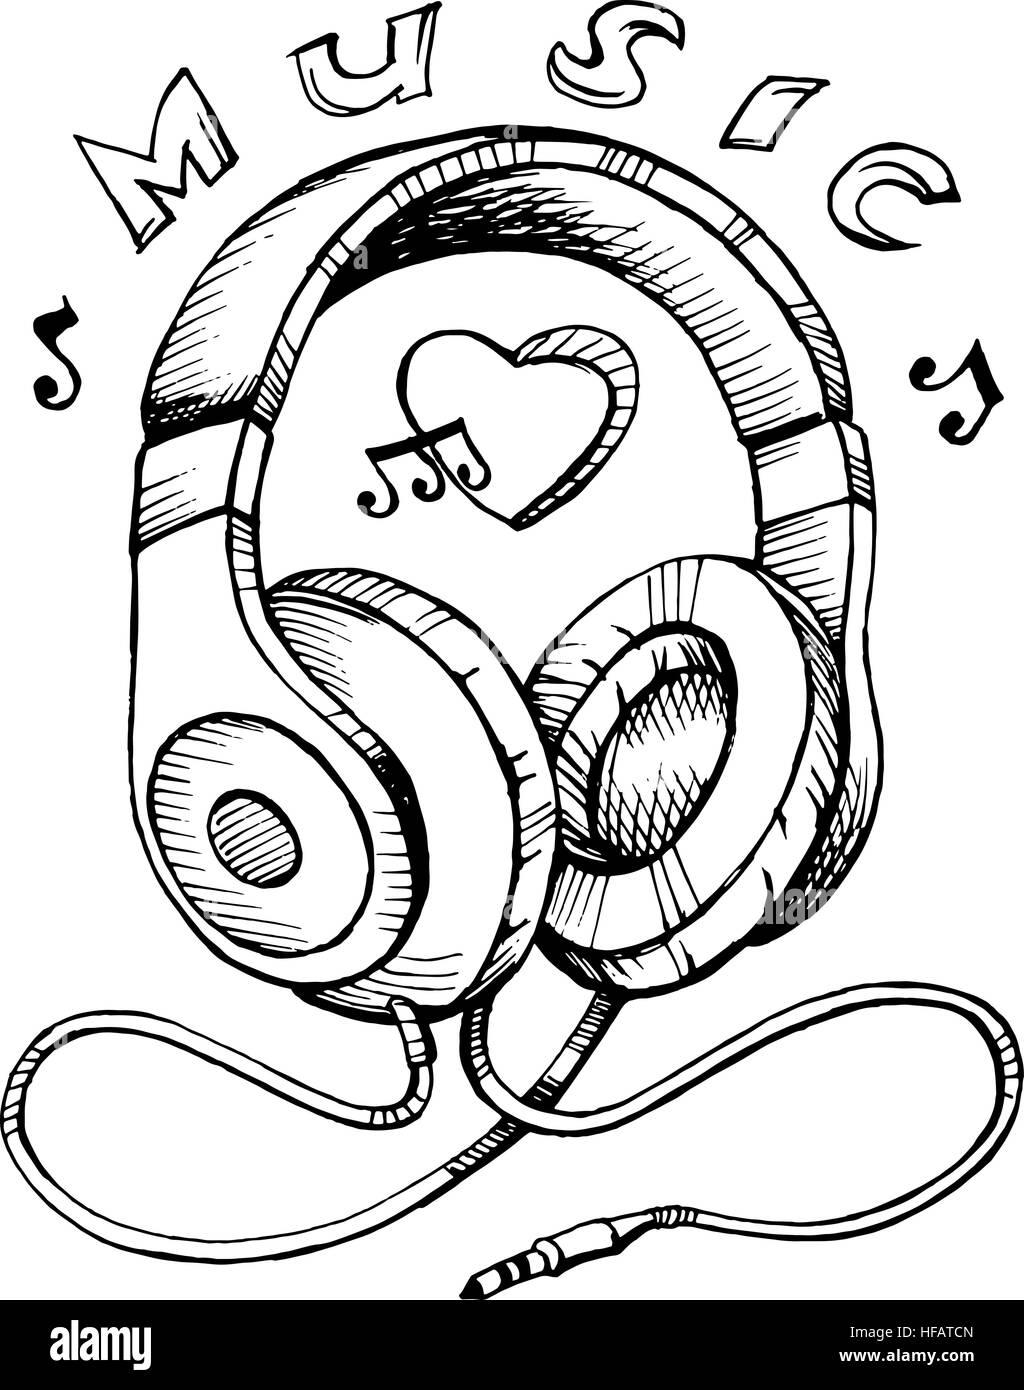 Auriculares Boceto Ilustración Vectorial Con Notas Musicales